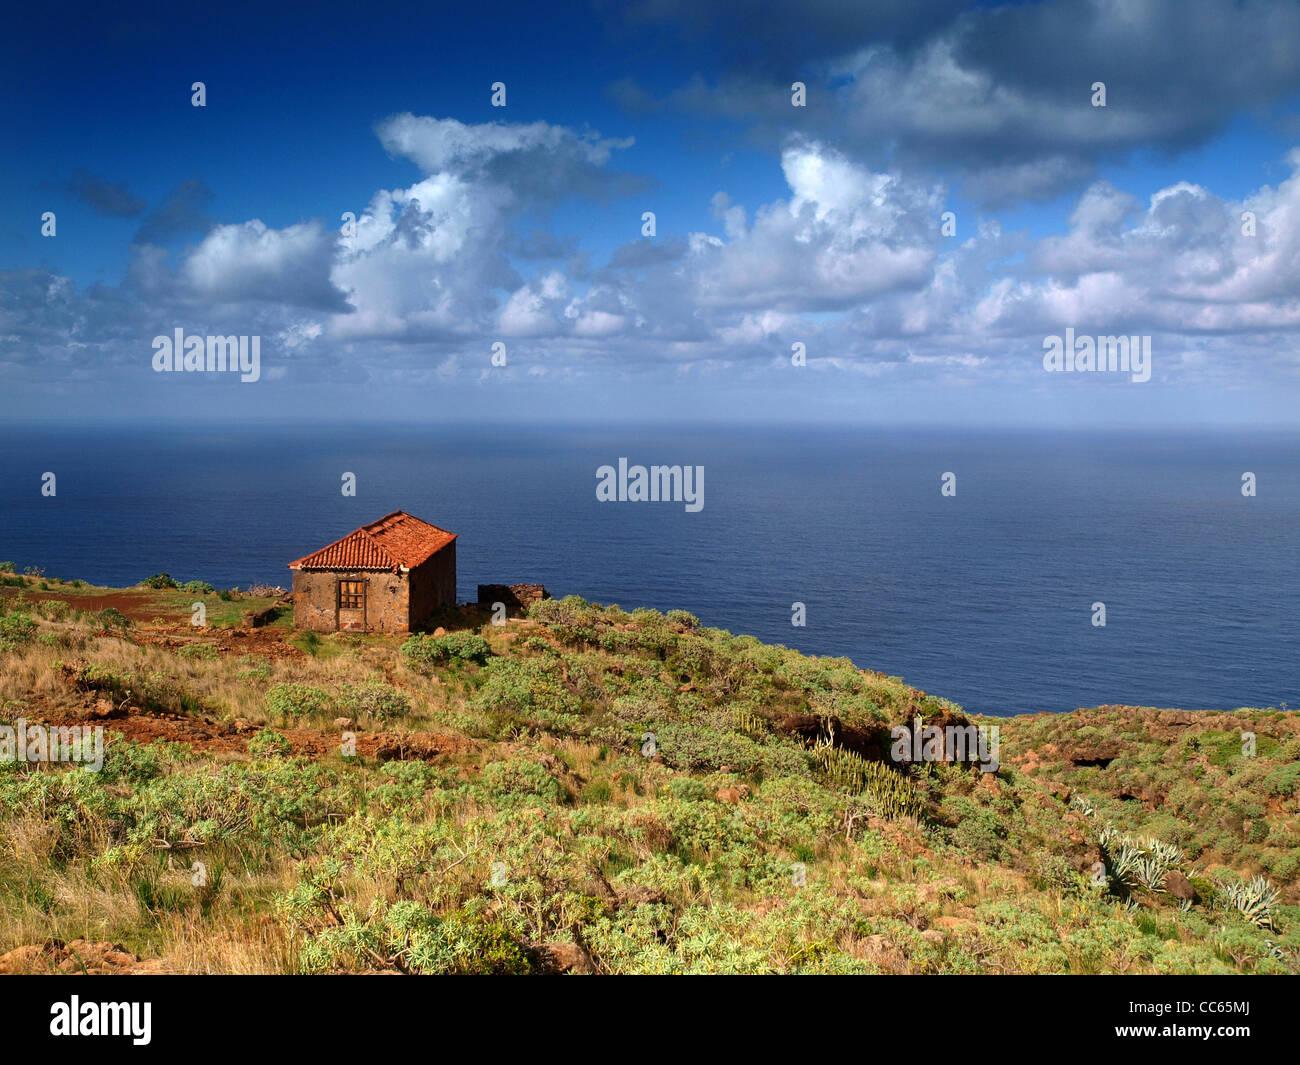 zeigen Sie an von Klippen von La Palma, Kanarische Inseln, kleine rote Fliesen Gebäude im Vordergrund zu sehen Stockbild